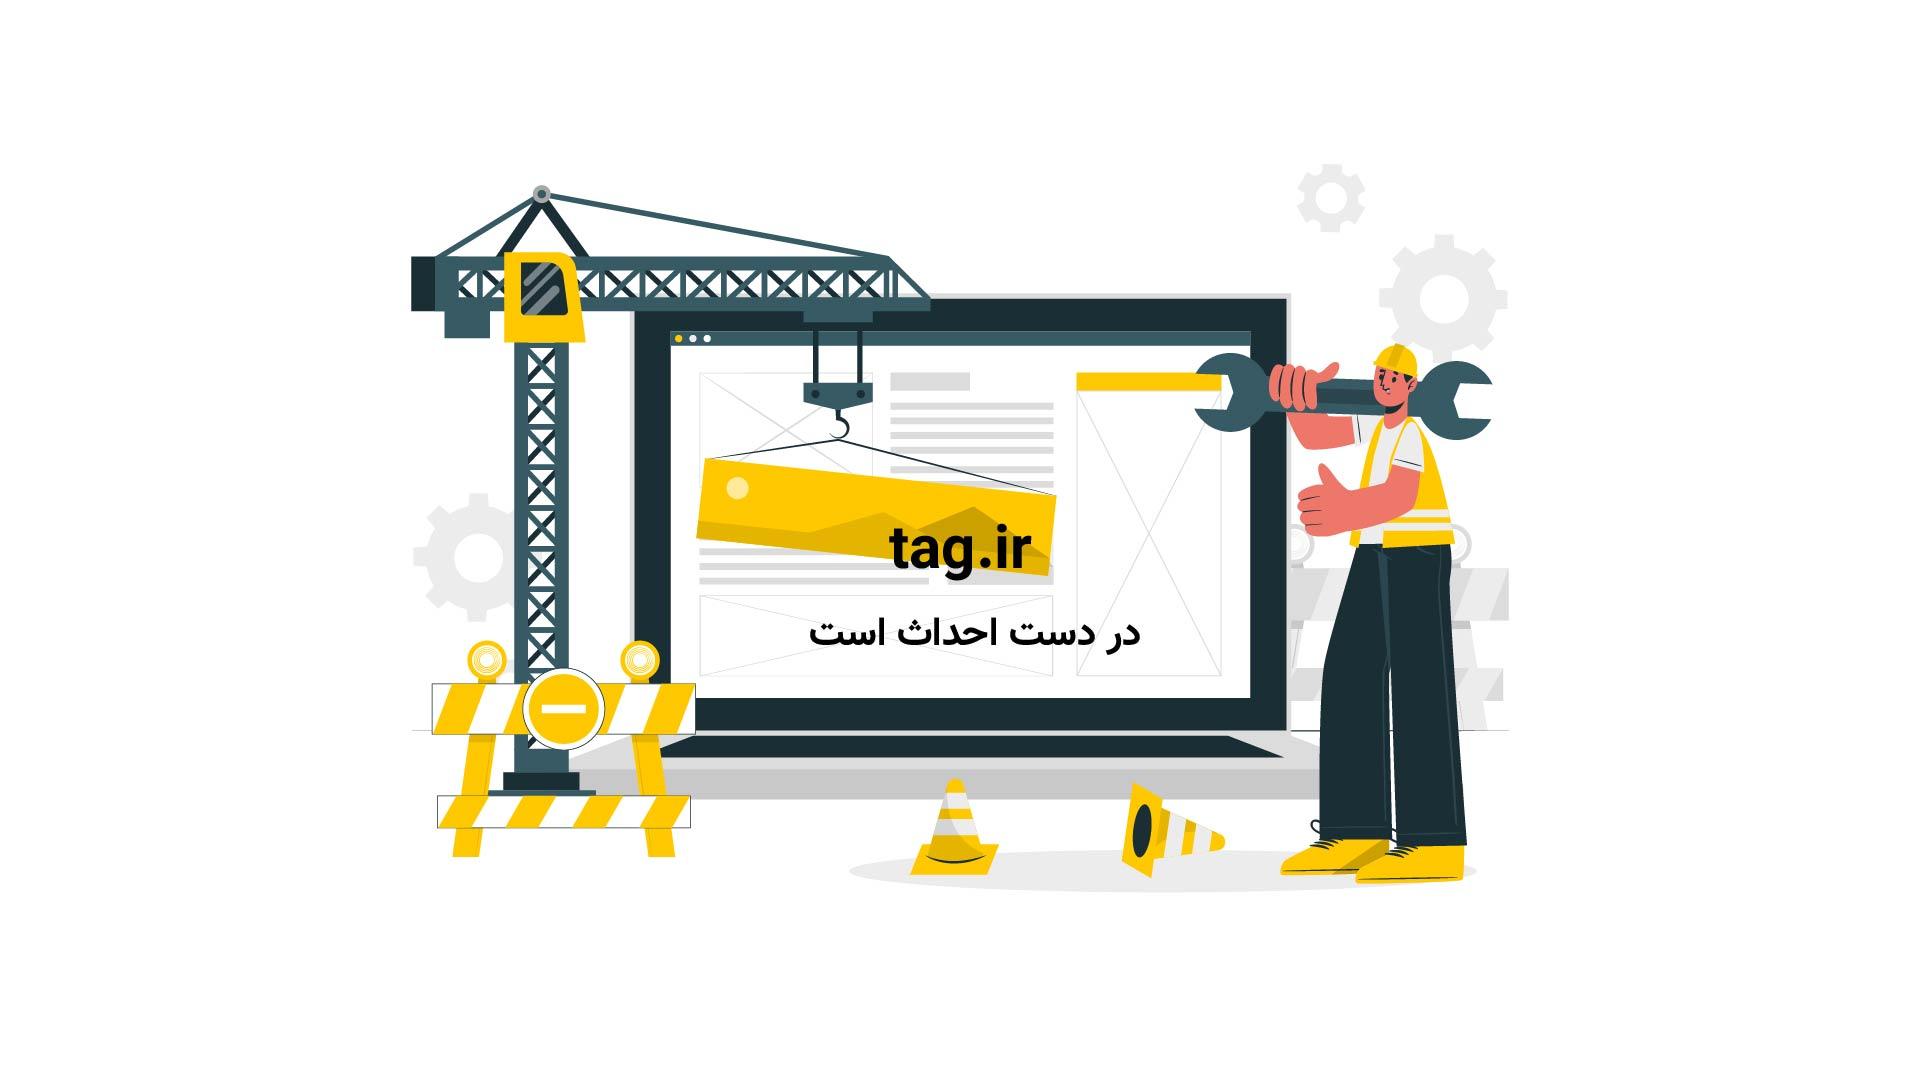 آموزش کشیدن کشتی | تگ